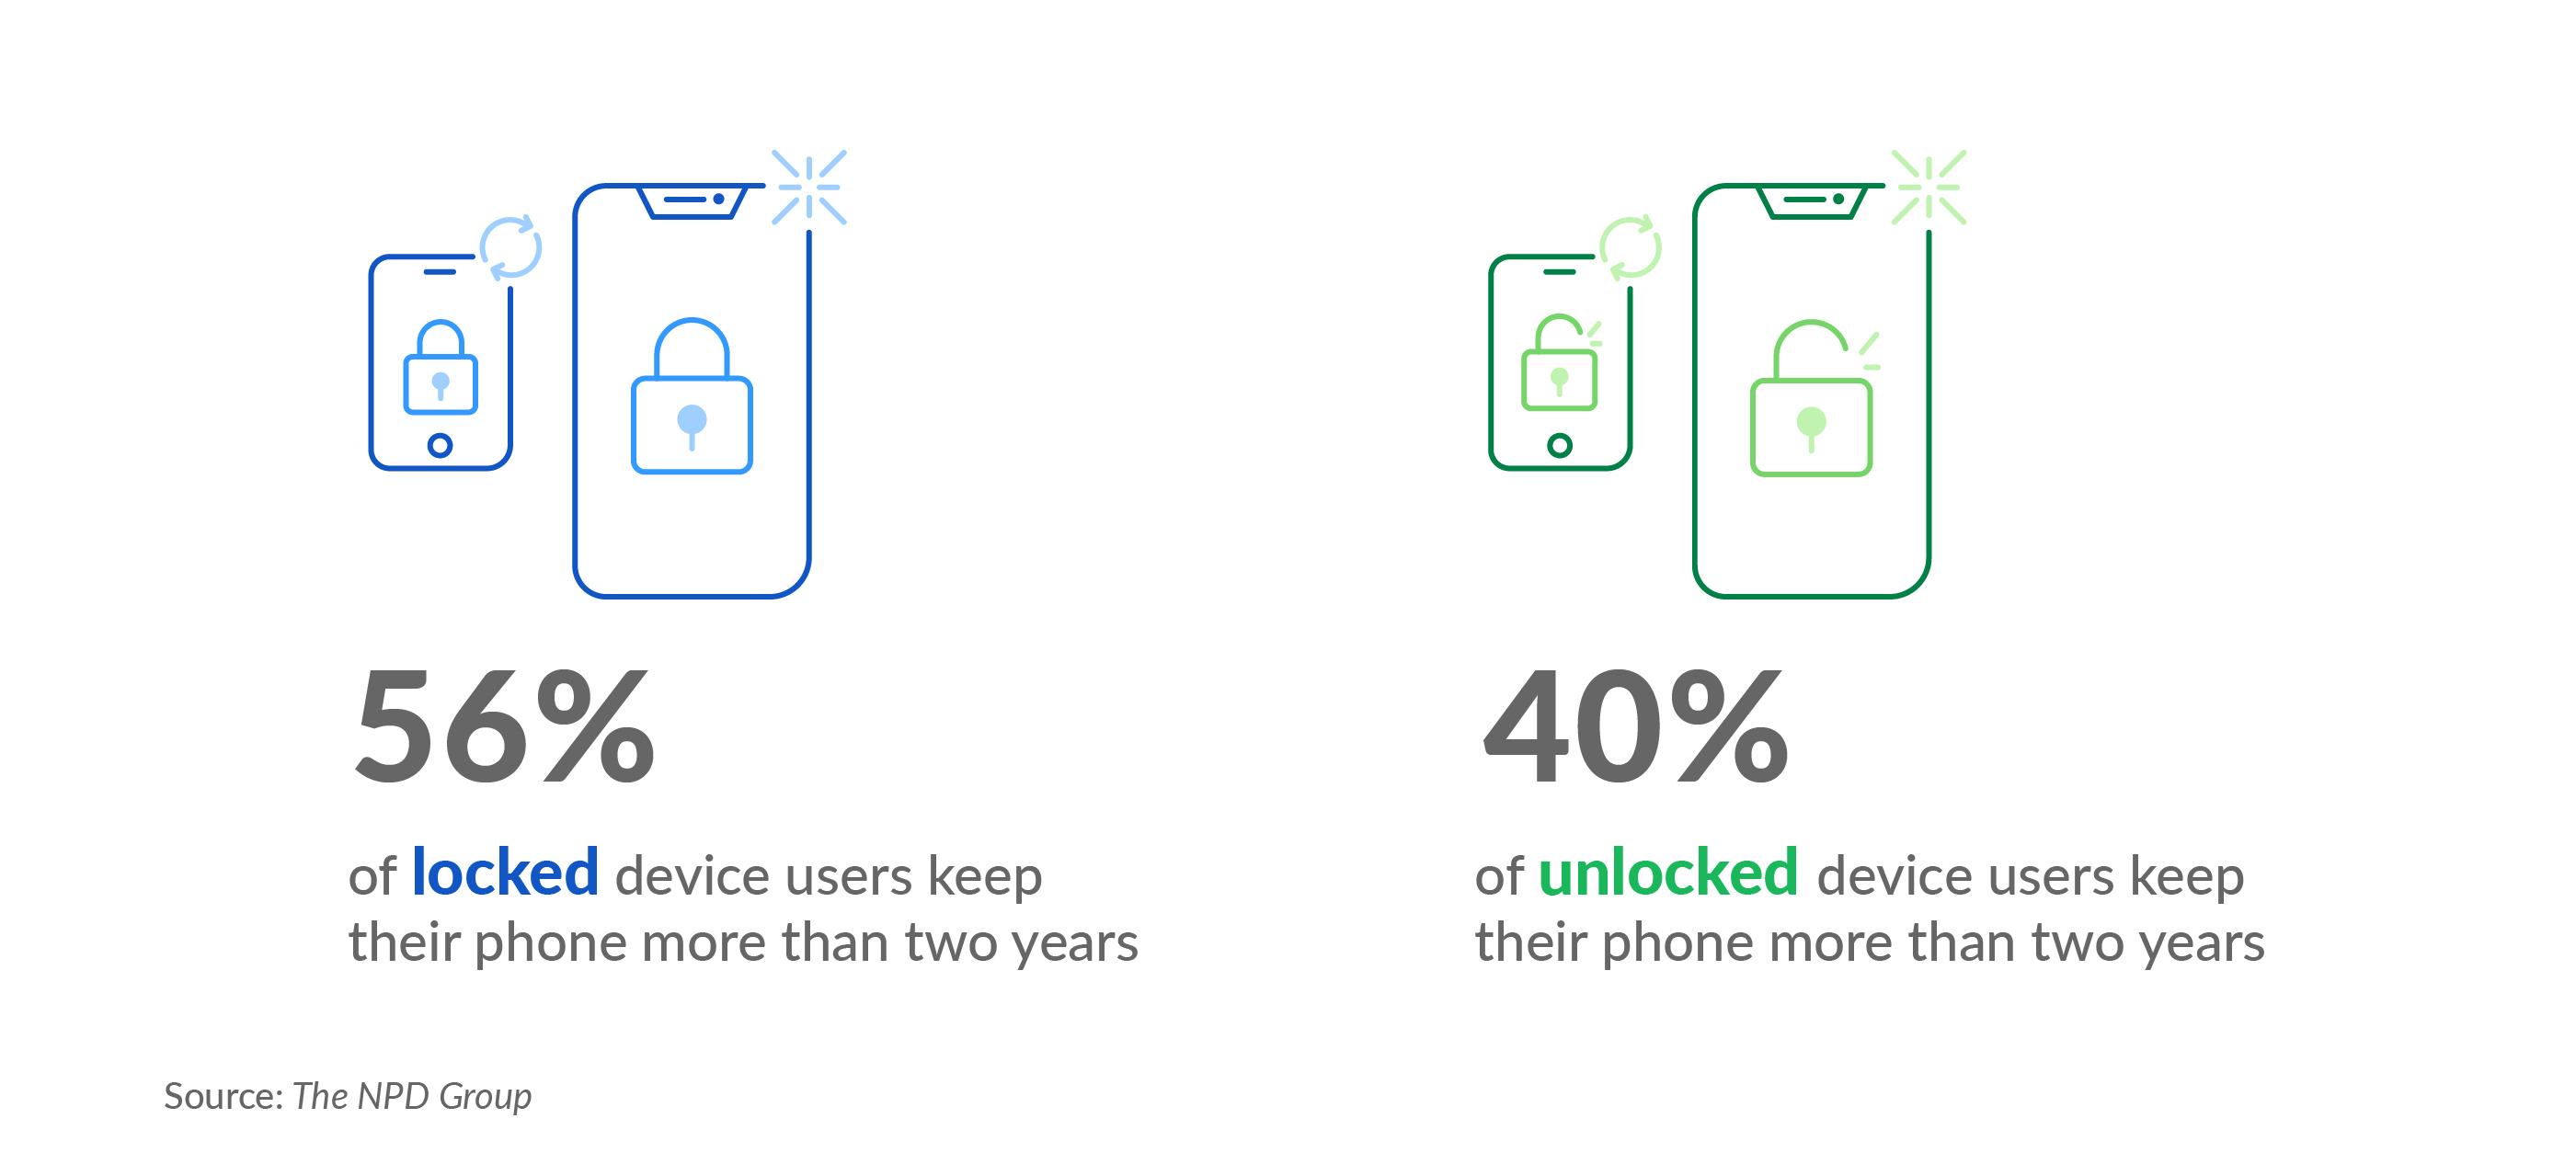 Locked vs Unlocked Devices